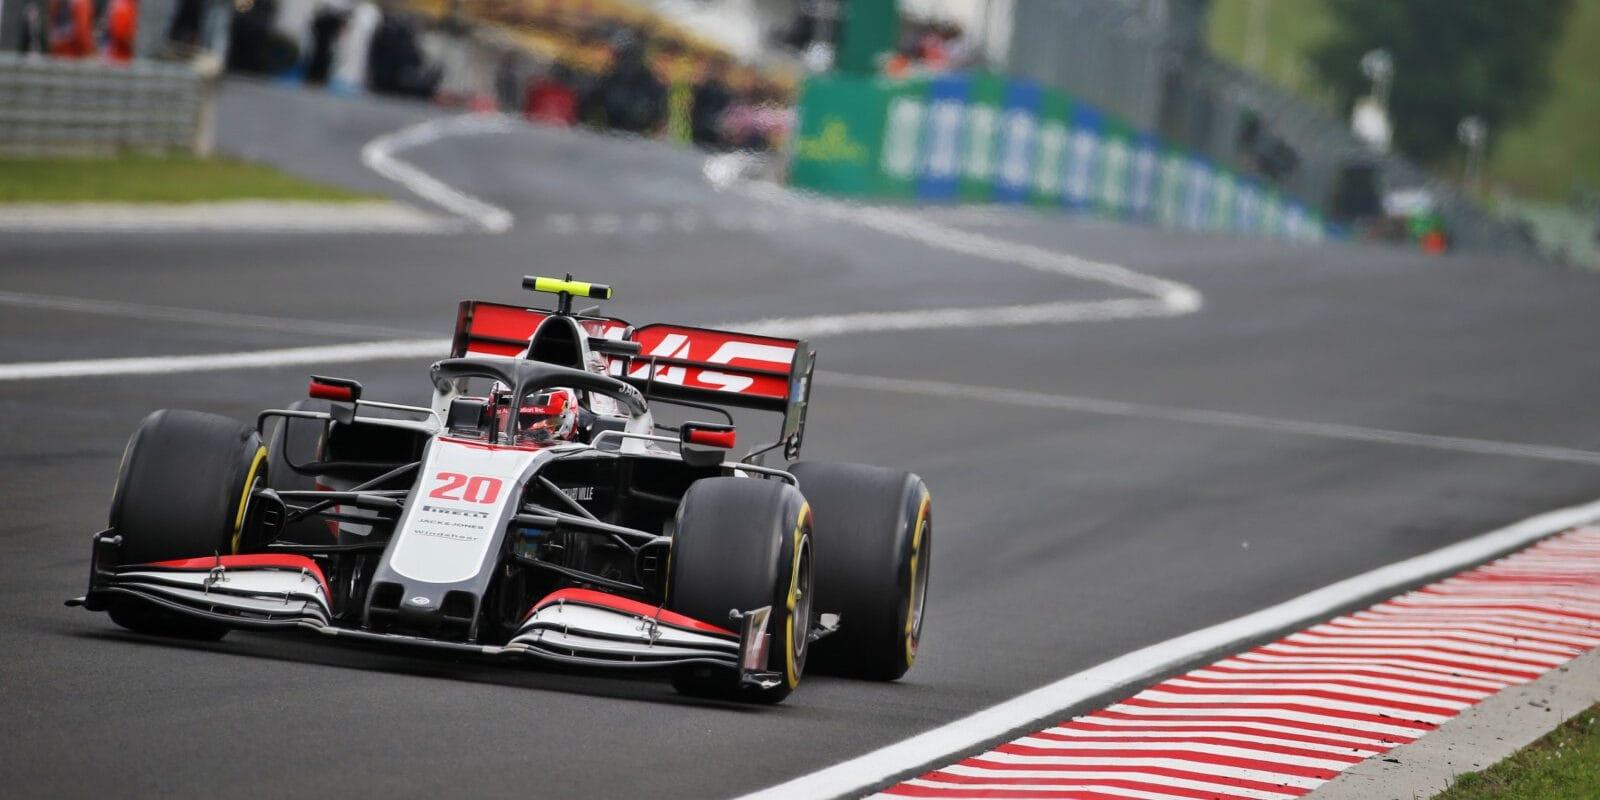 Haasy dostaly penalizaci, Magnussen o body nepřišel